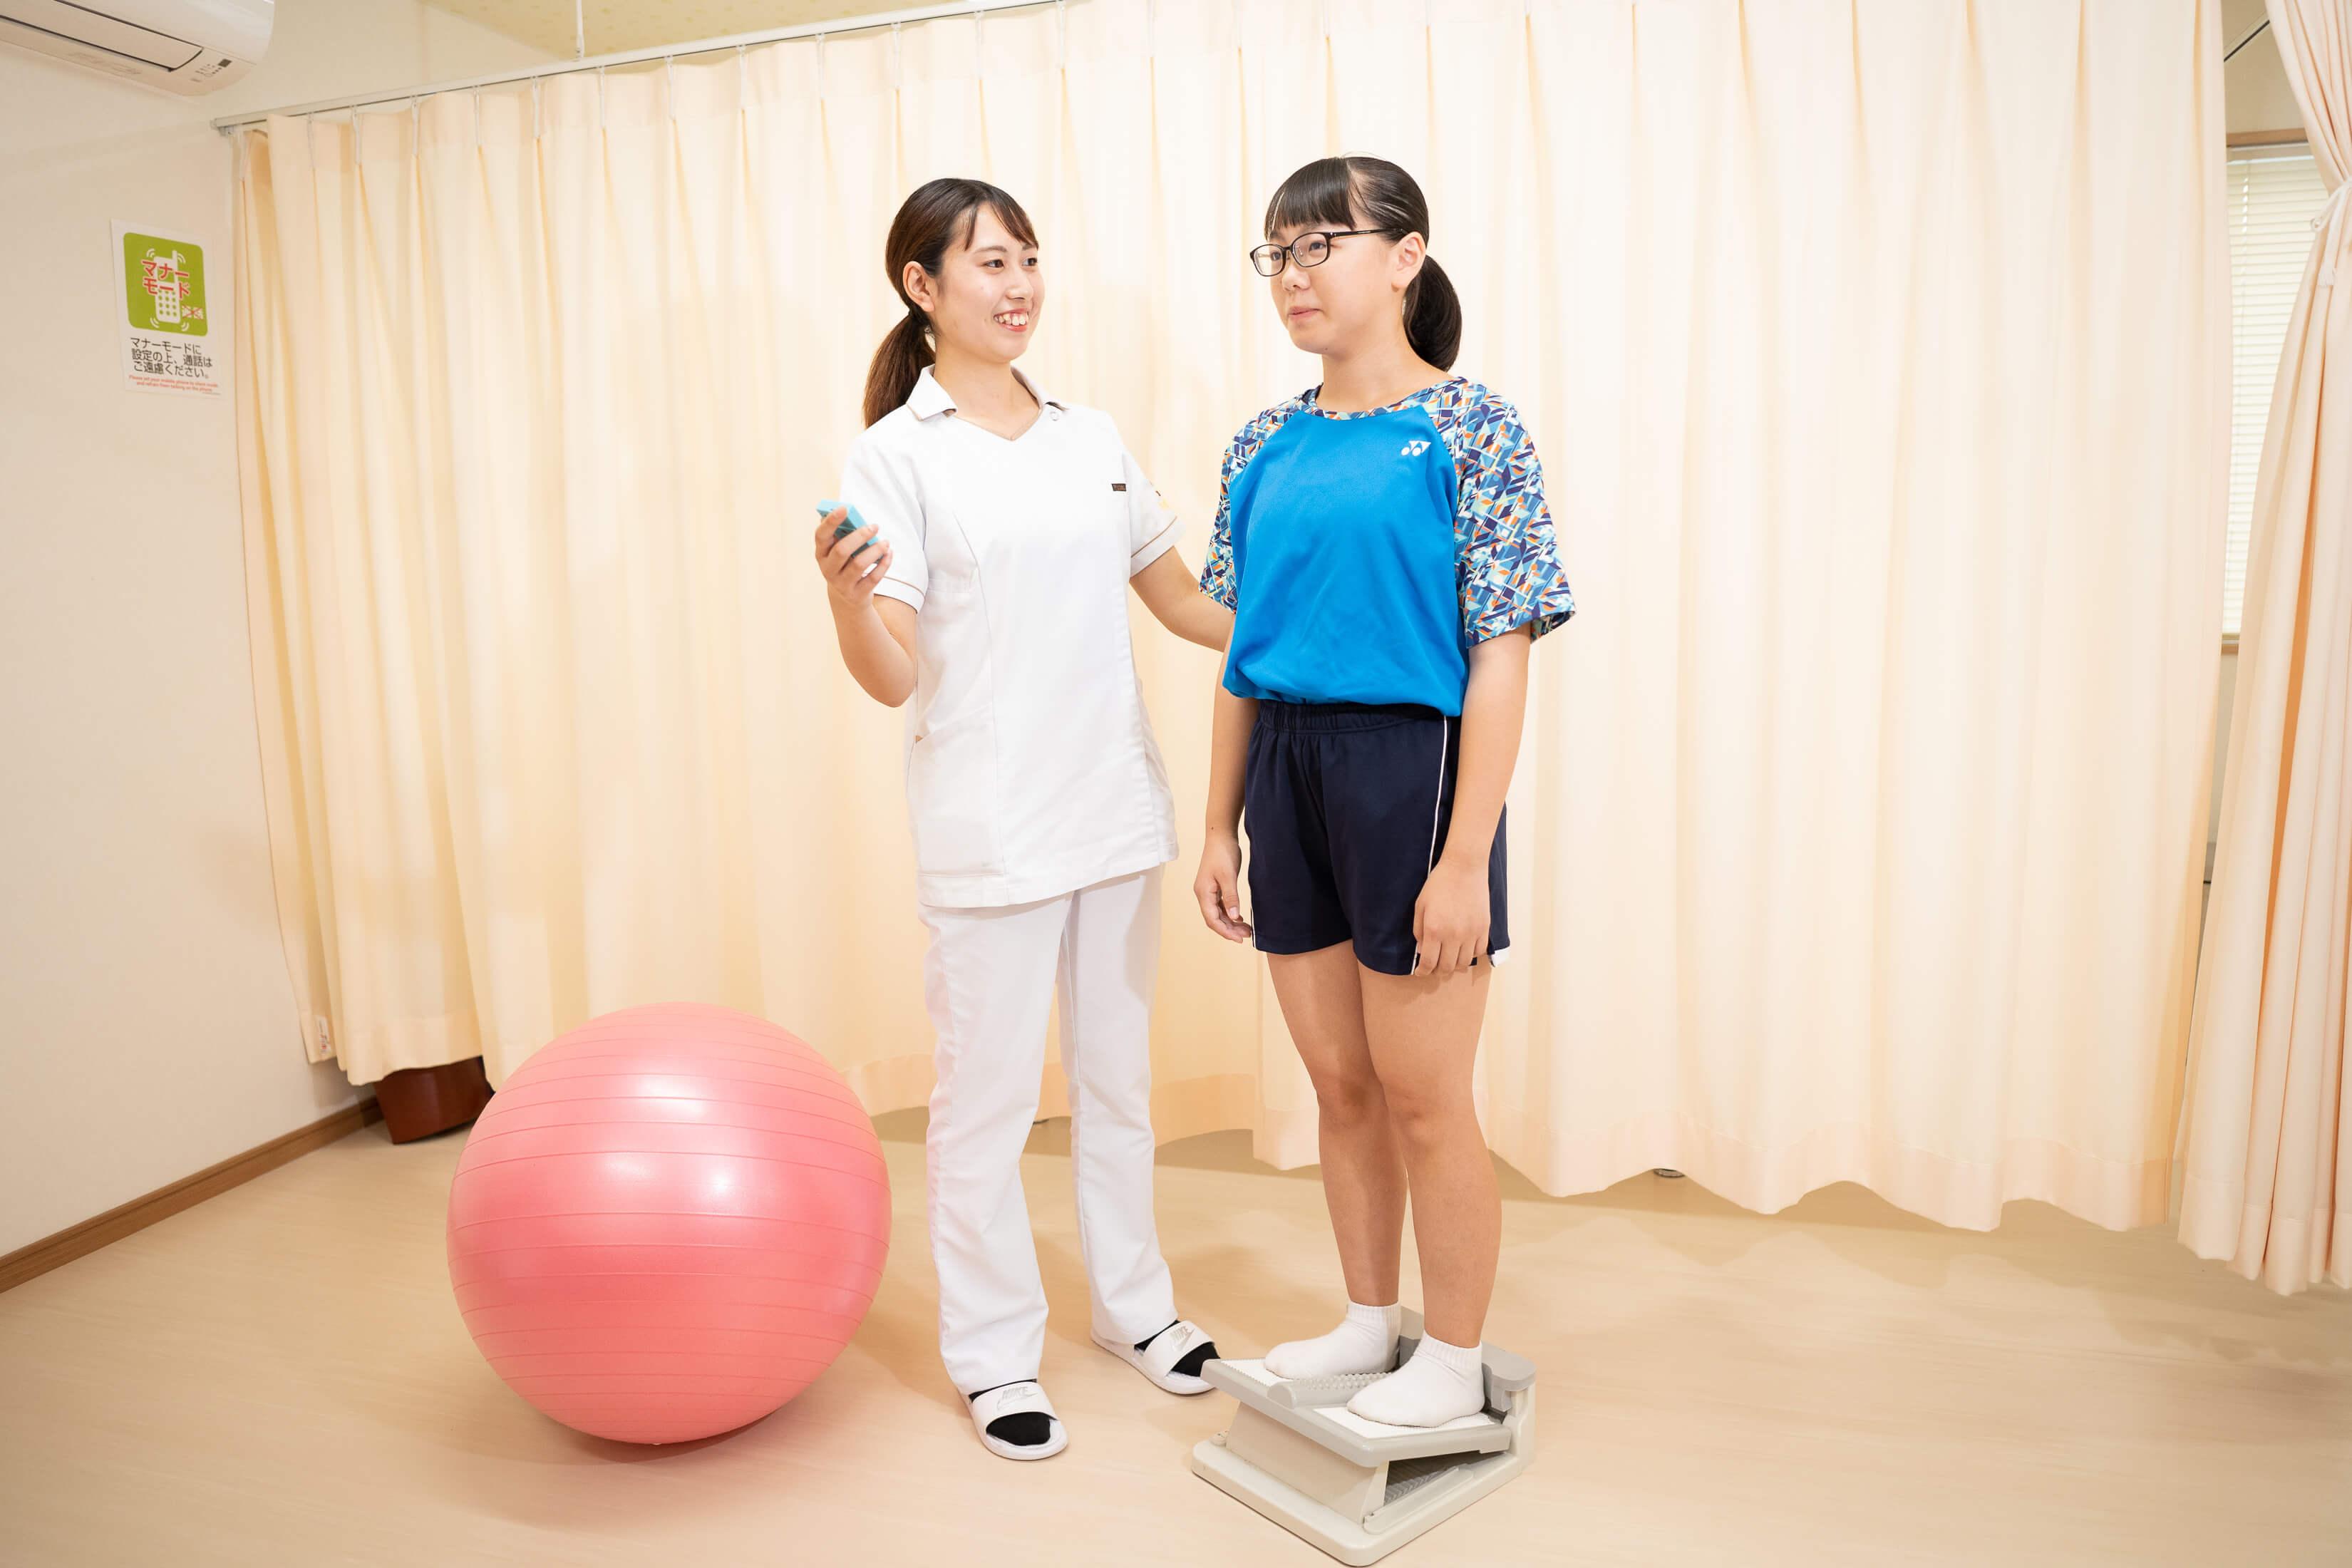 スポーツ外傷とスポーツ障害|花巻やぎ整骨院